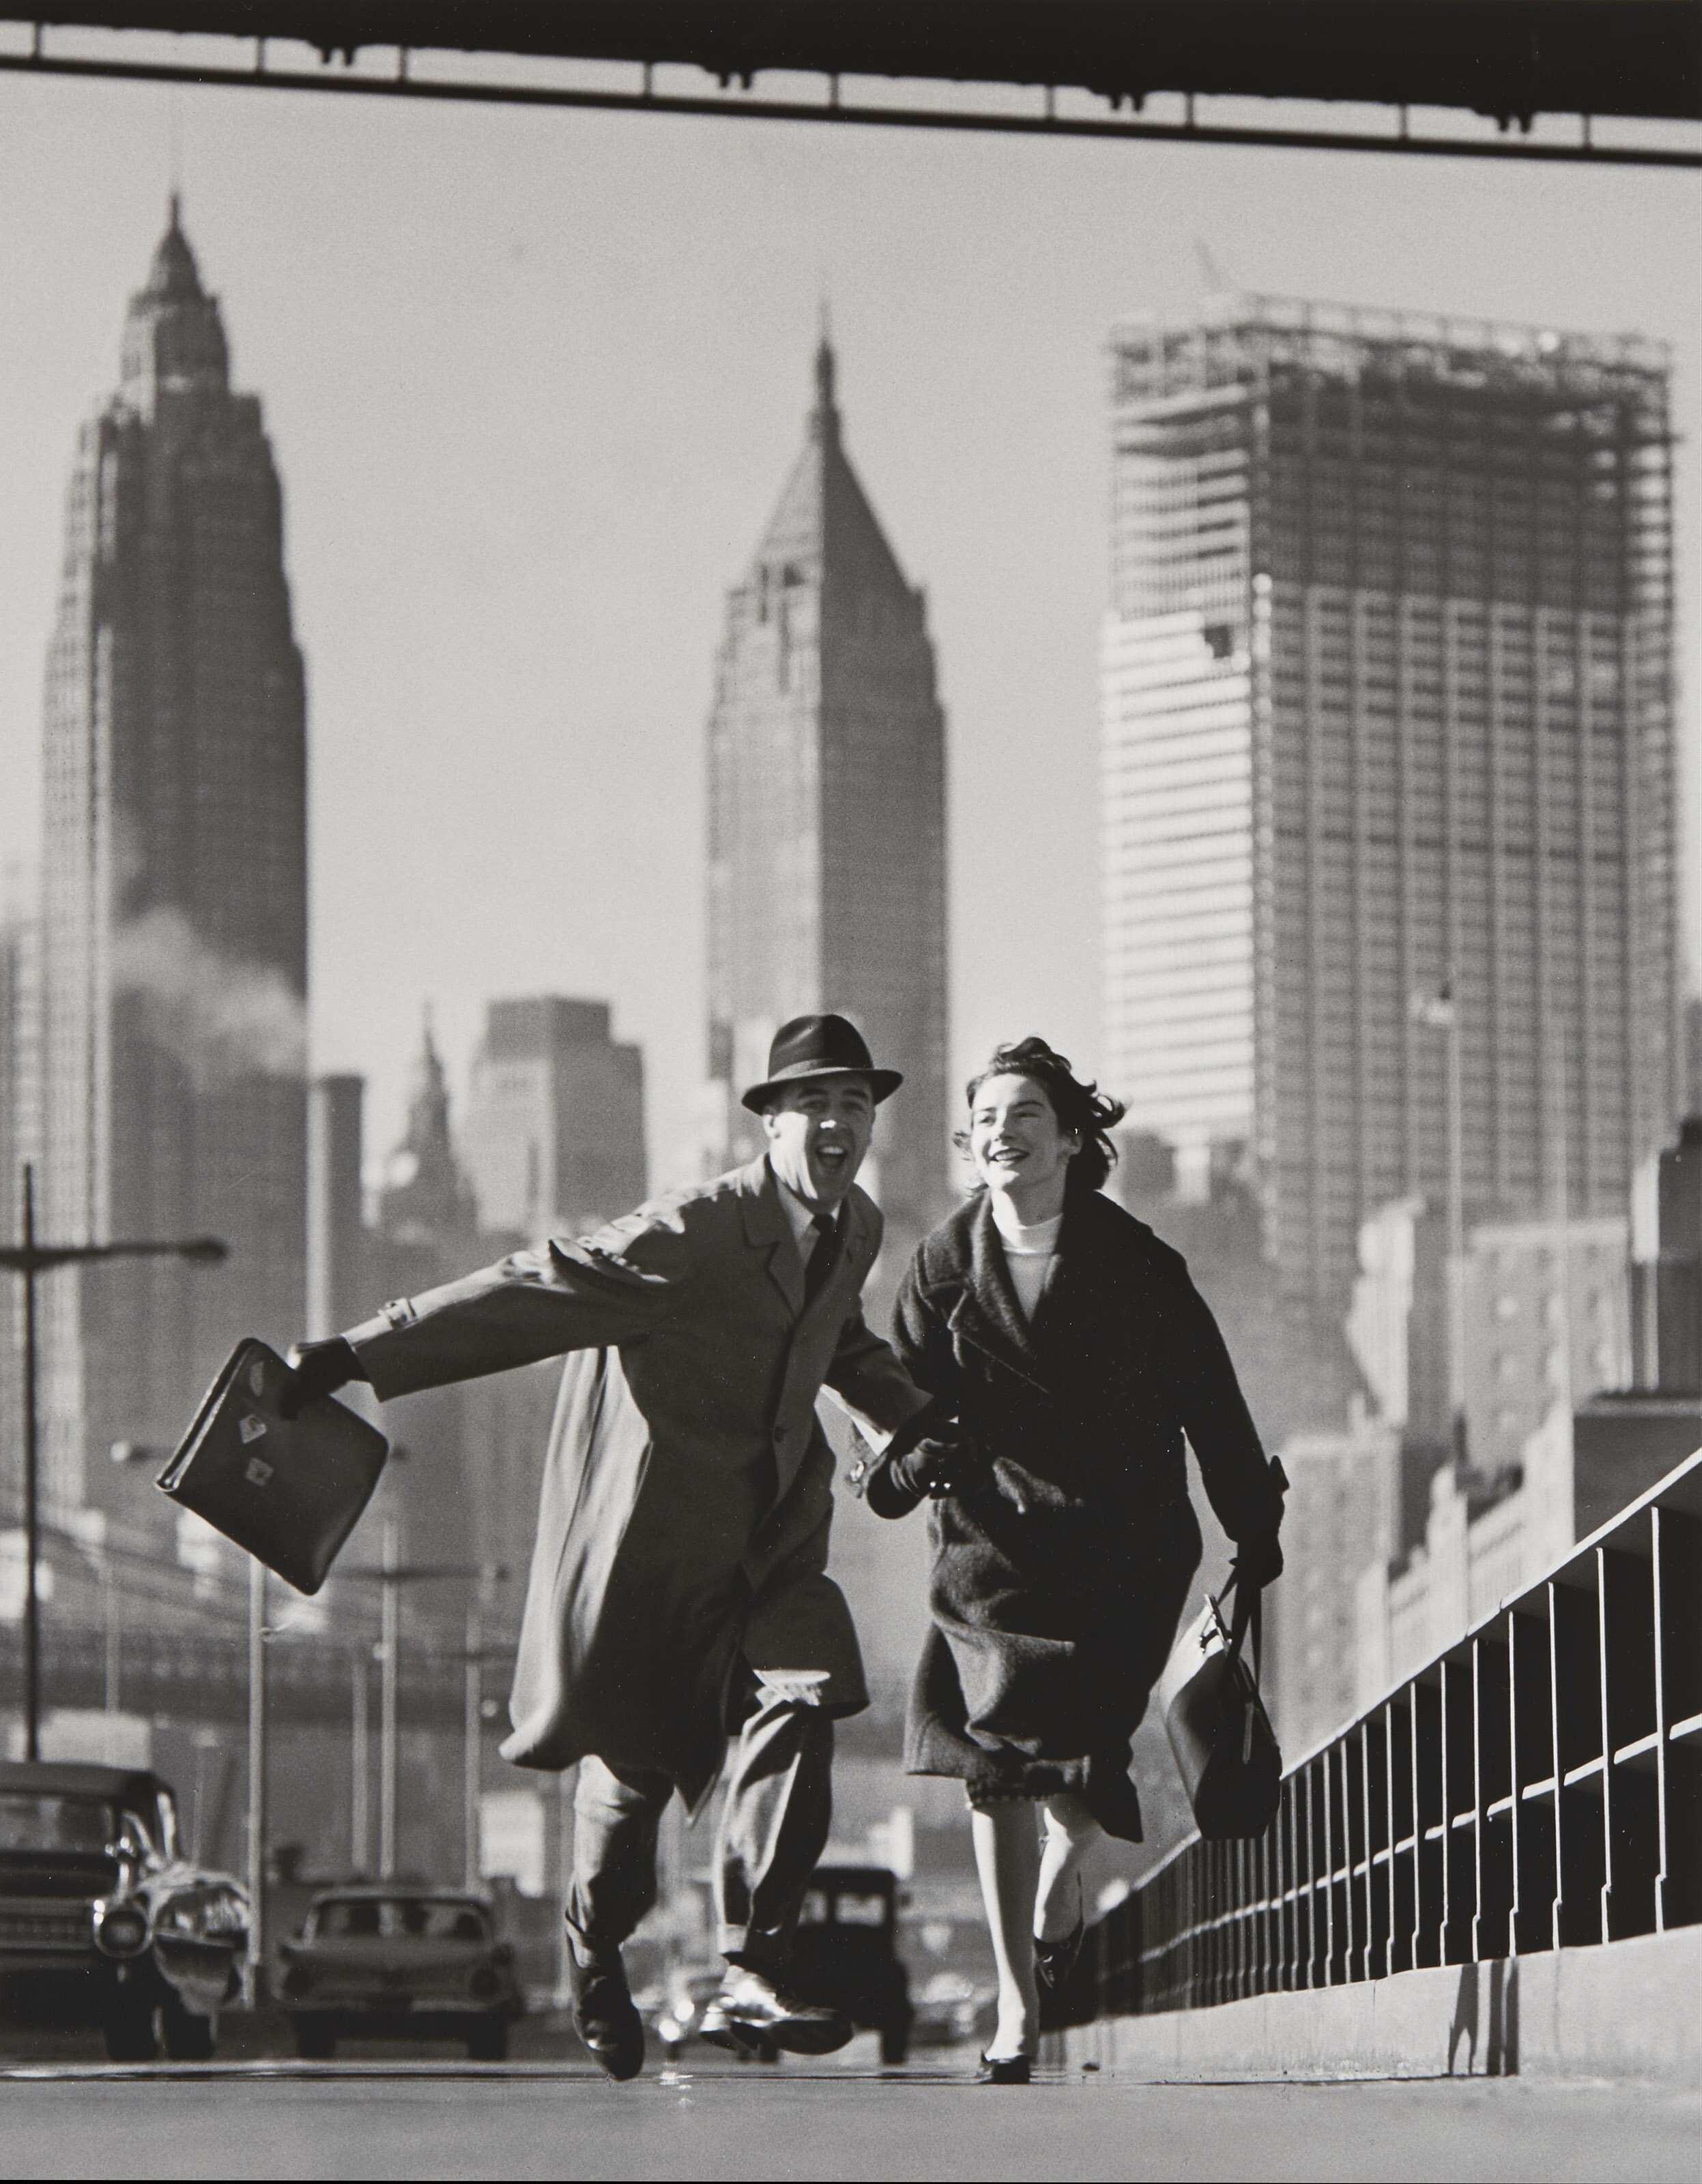 Нью-Йорк, ок. 1960. Фотограф Норман Паркинсон